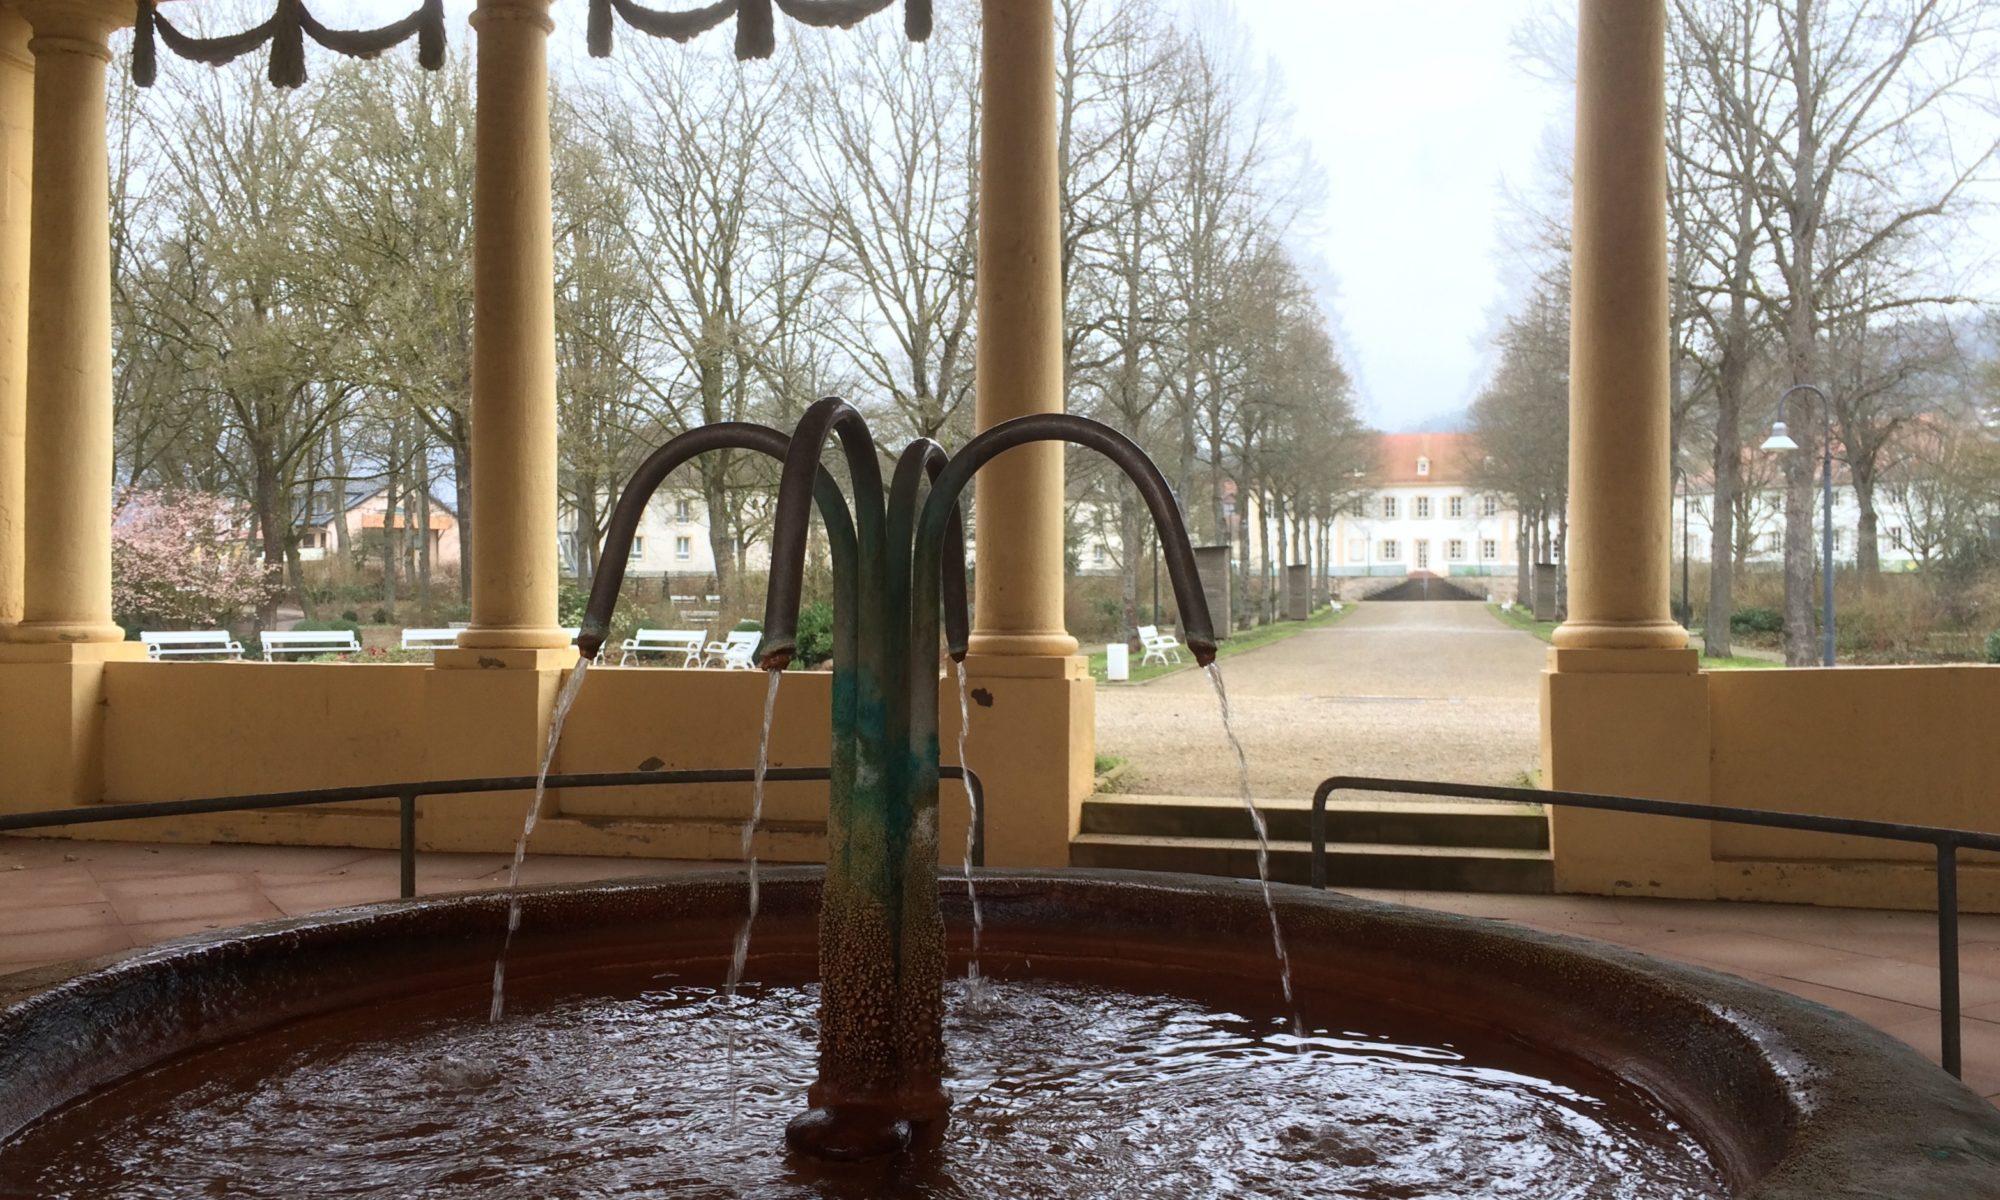 Balthasar-Neumann-Quelle in Bad Bocklet. | Foto: B. Schneider